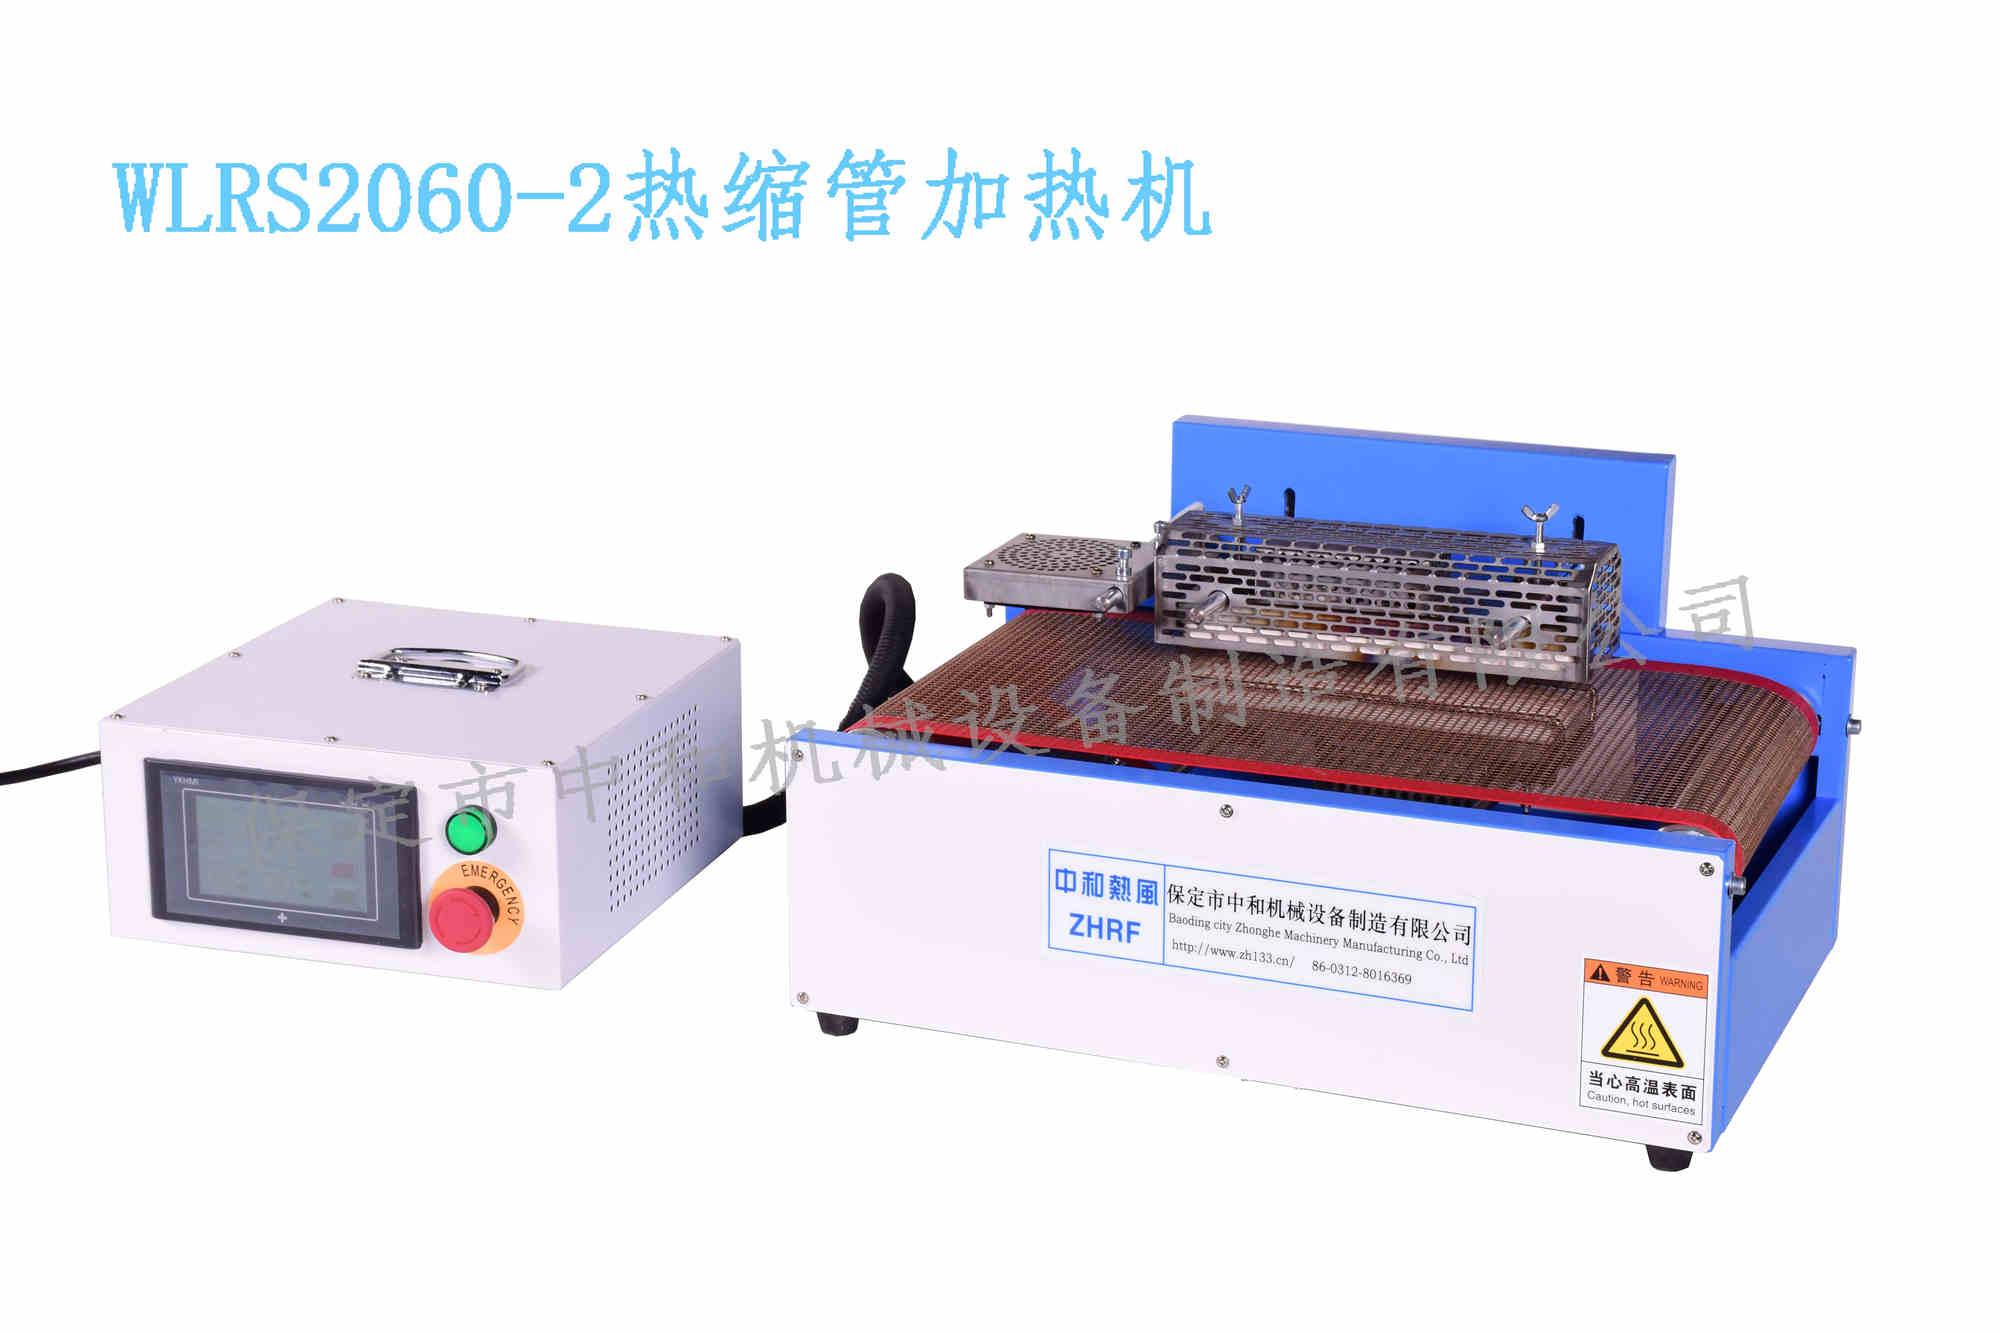 連續熱縮套管加熱設備 雙面熱縮管加熱設備 不傷線的熱縮管加熱設備